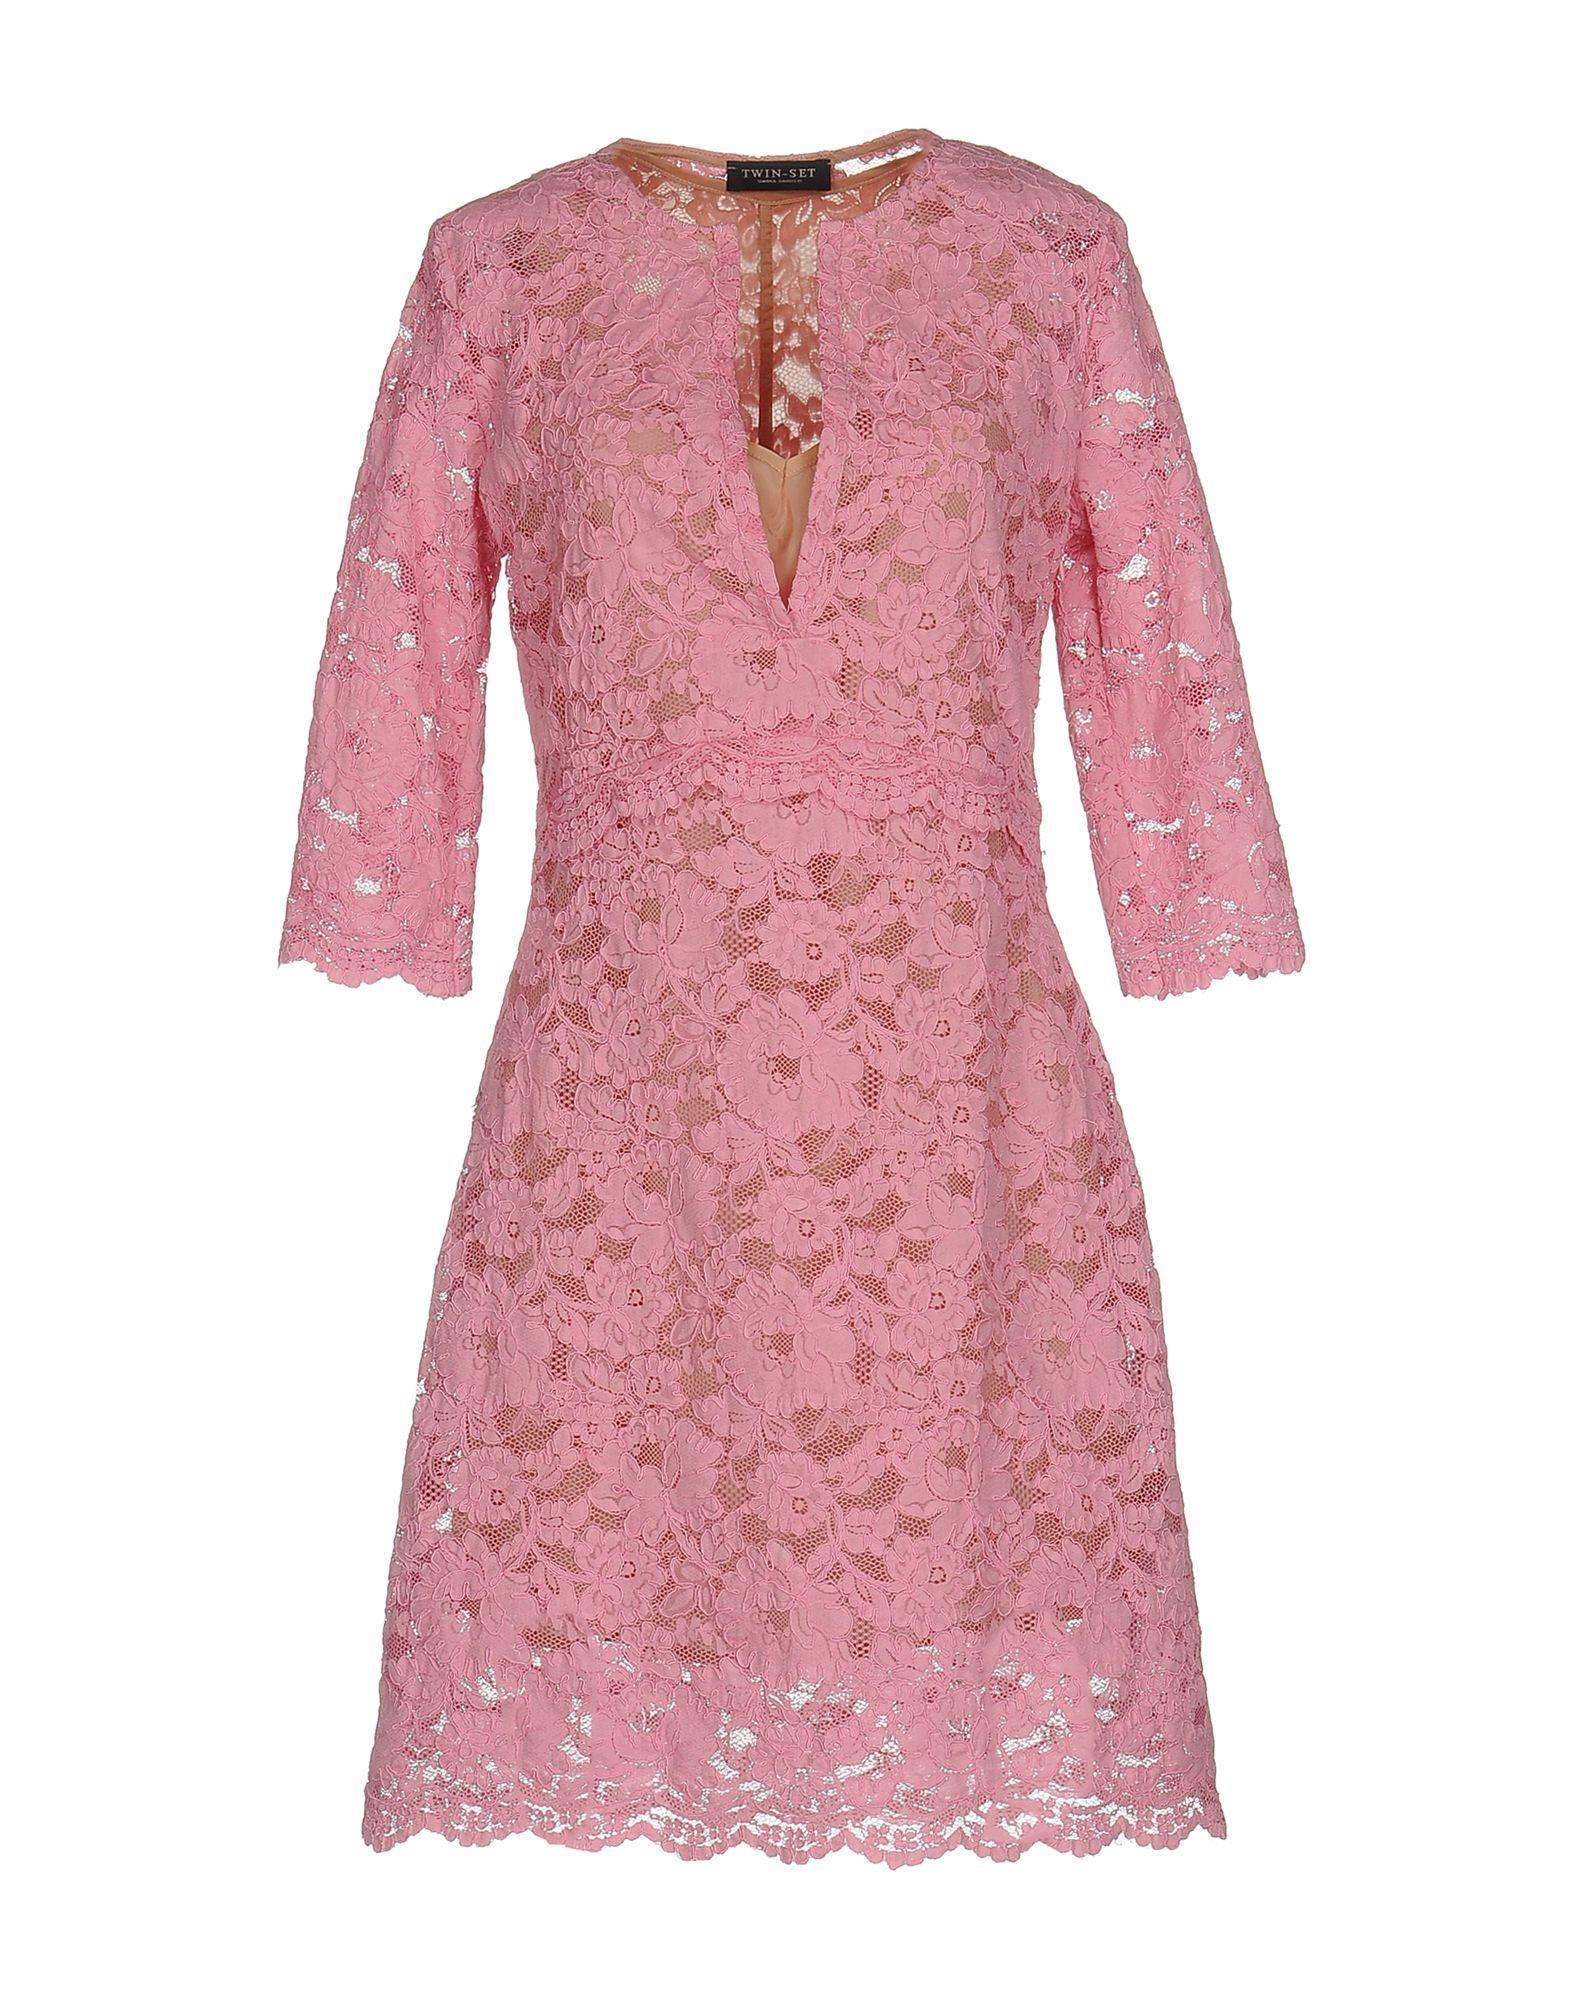 Twinset Pink Cotton Lace Dress